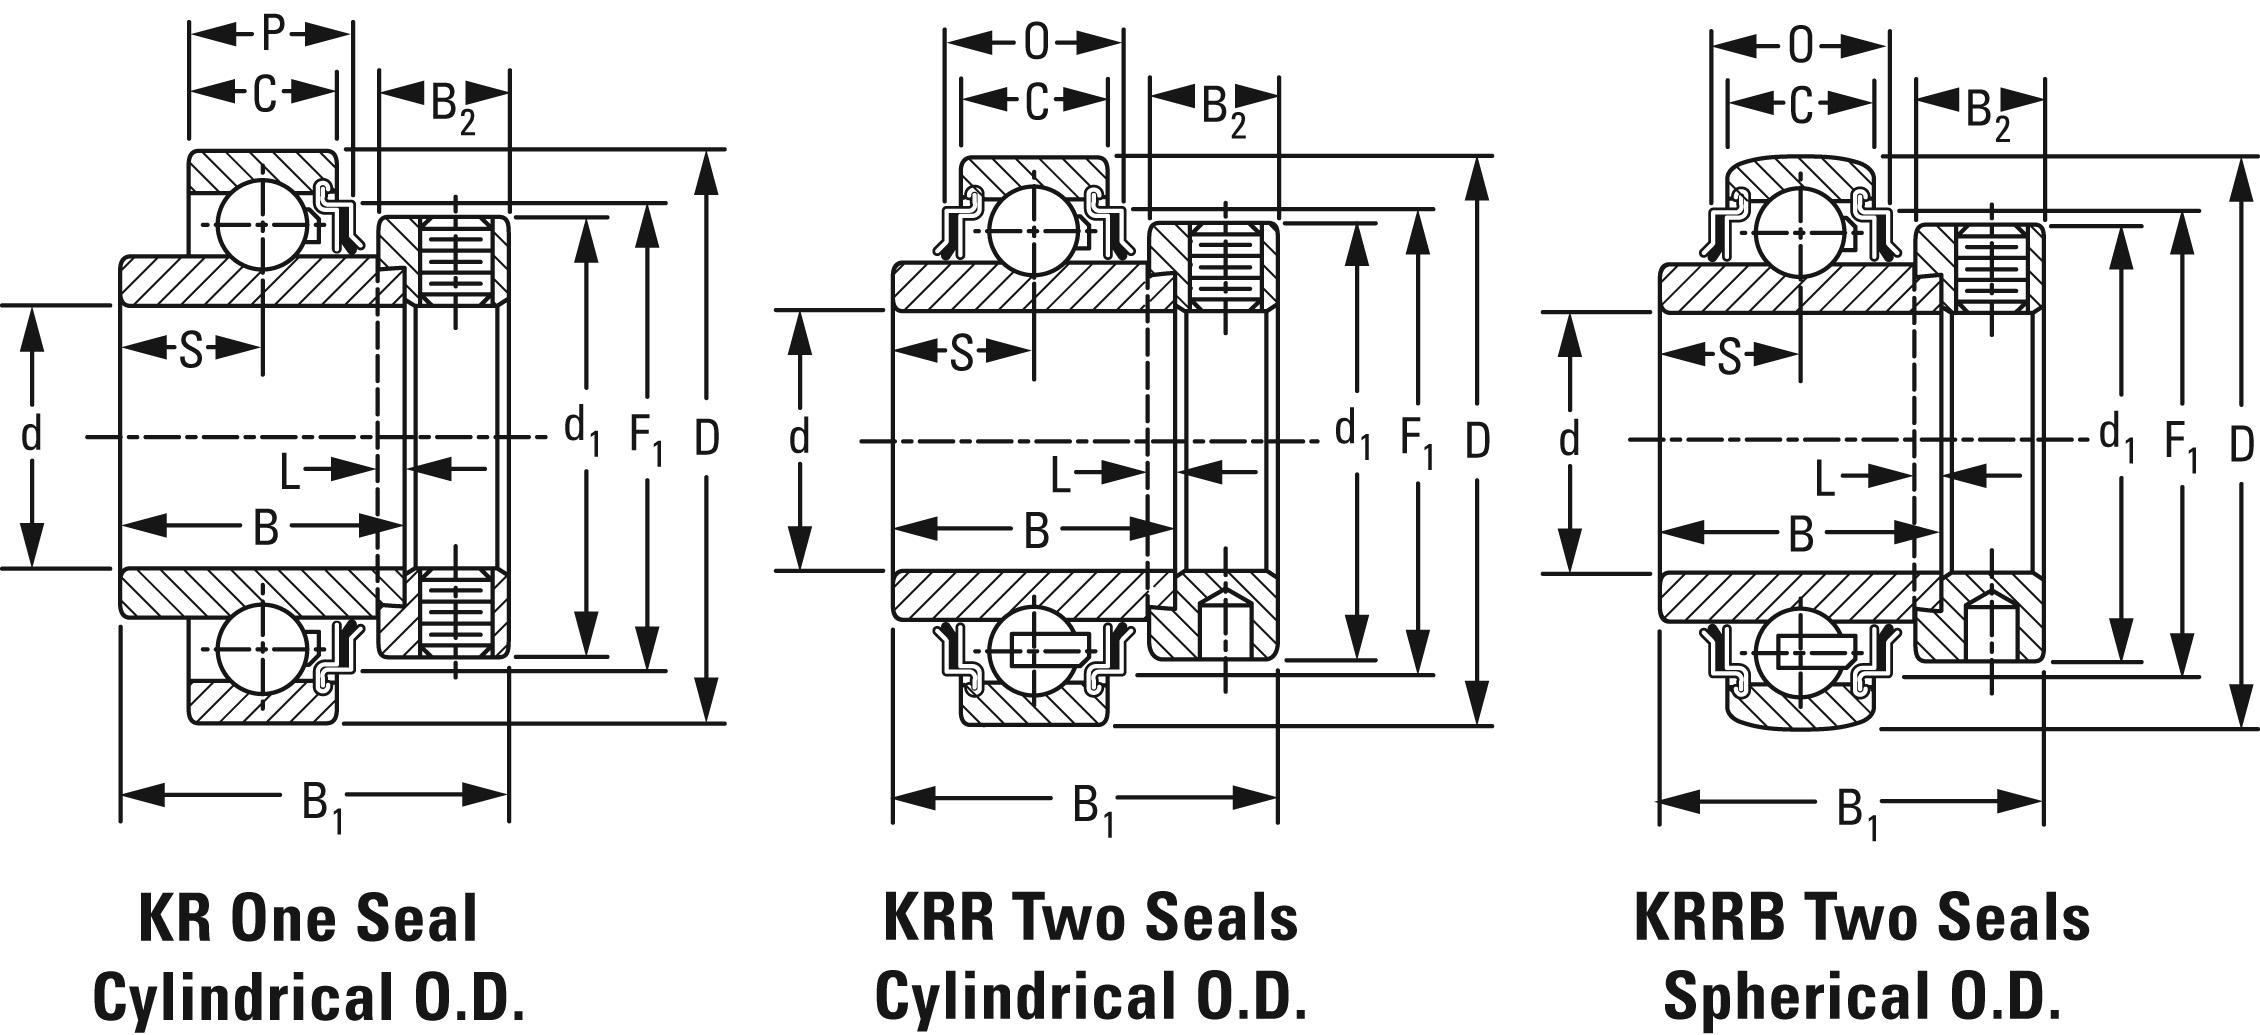 Timken Part Number 1010KR, Fafnir® Eccentric Locking